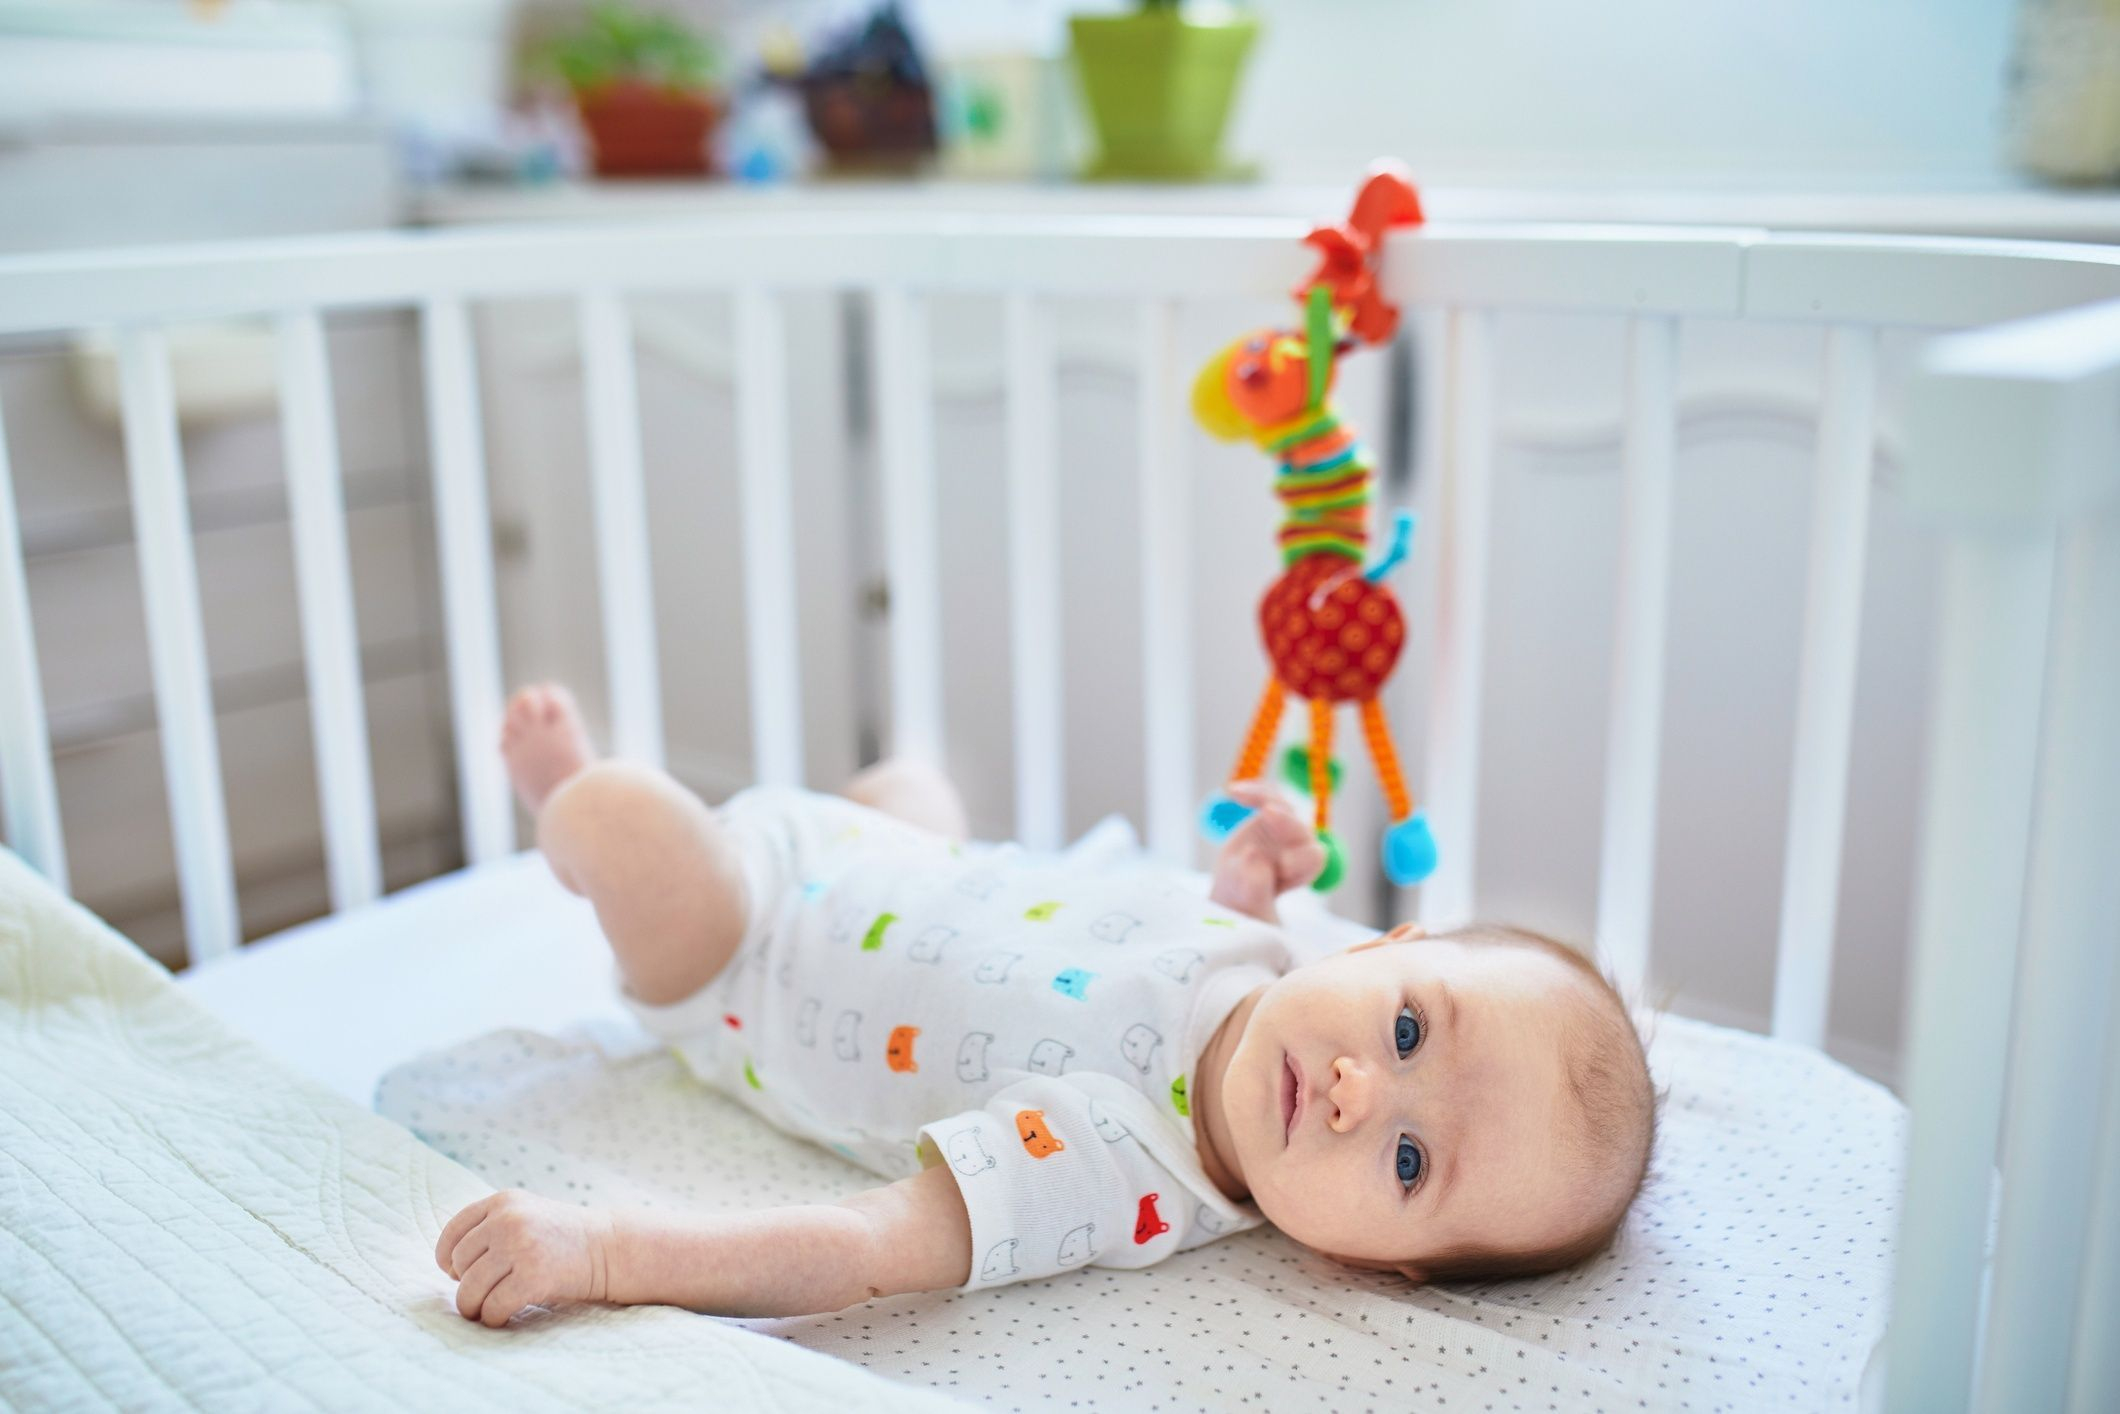 Quels Jeux Et Jouets D'éveil Pour Bébé ? - Doctissimo encequiconcerne Jeux Eveil Bebe 2 Mois